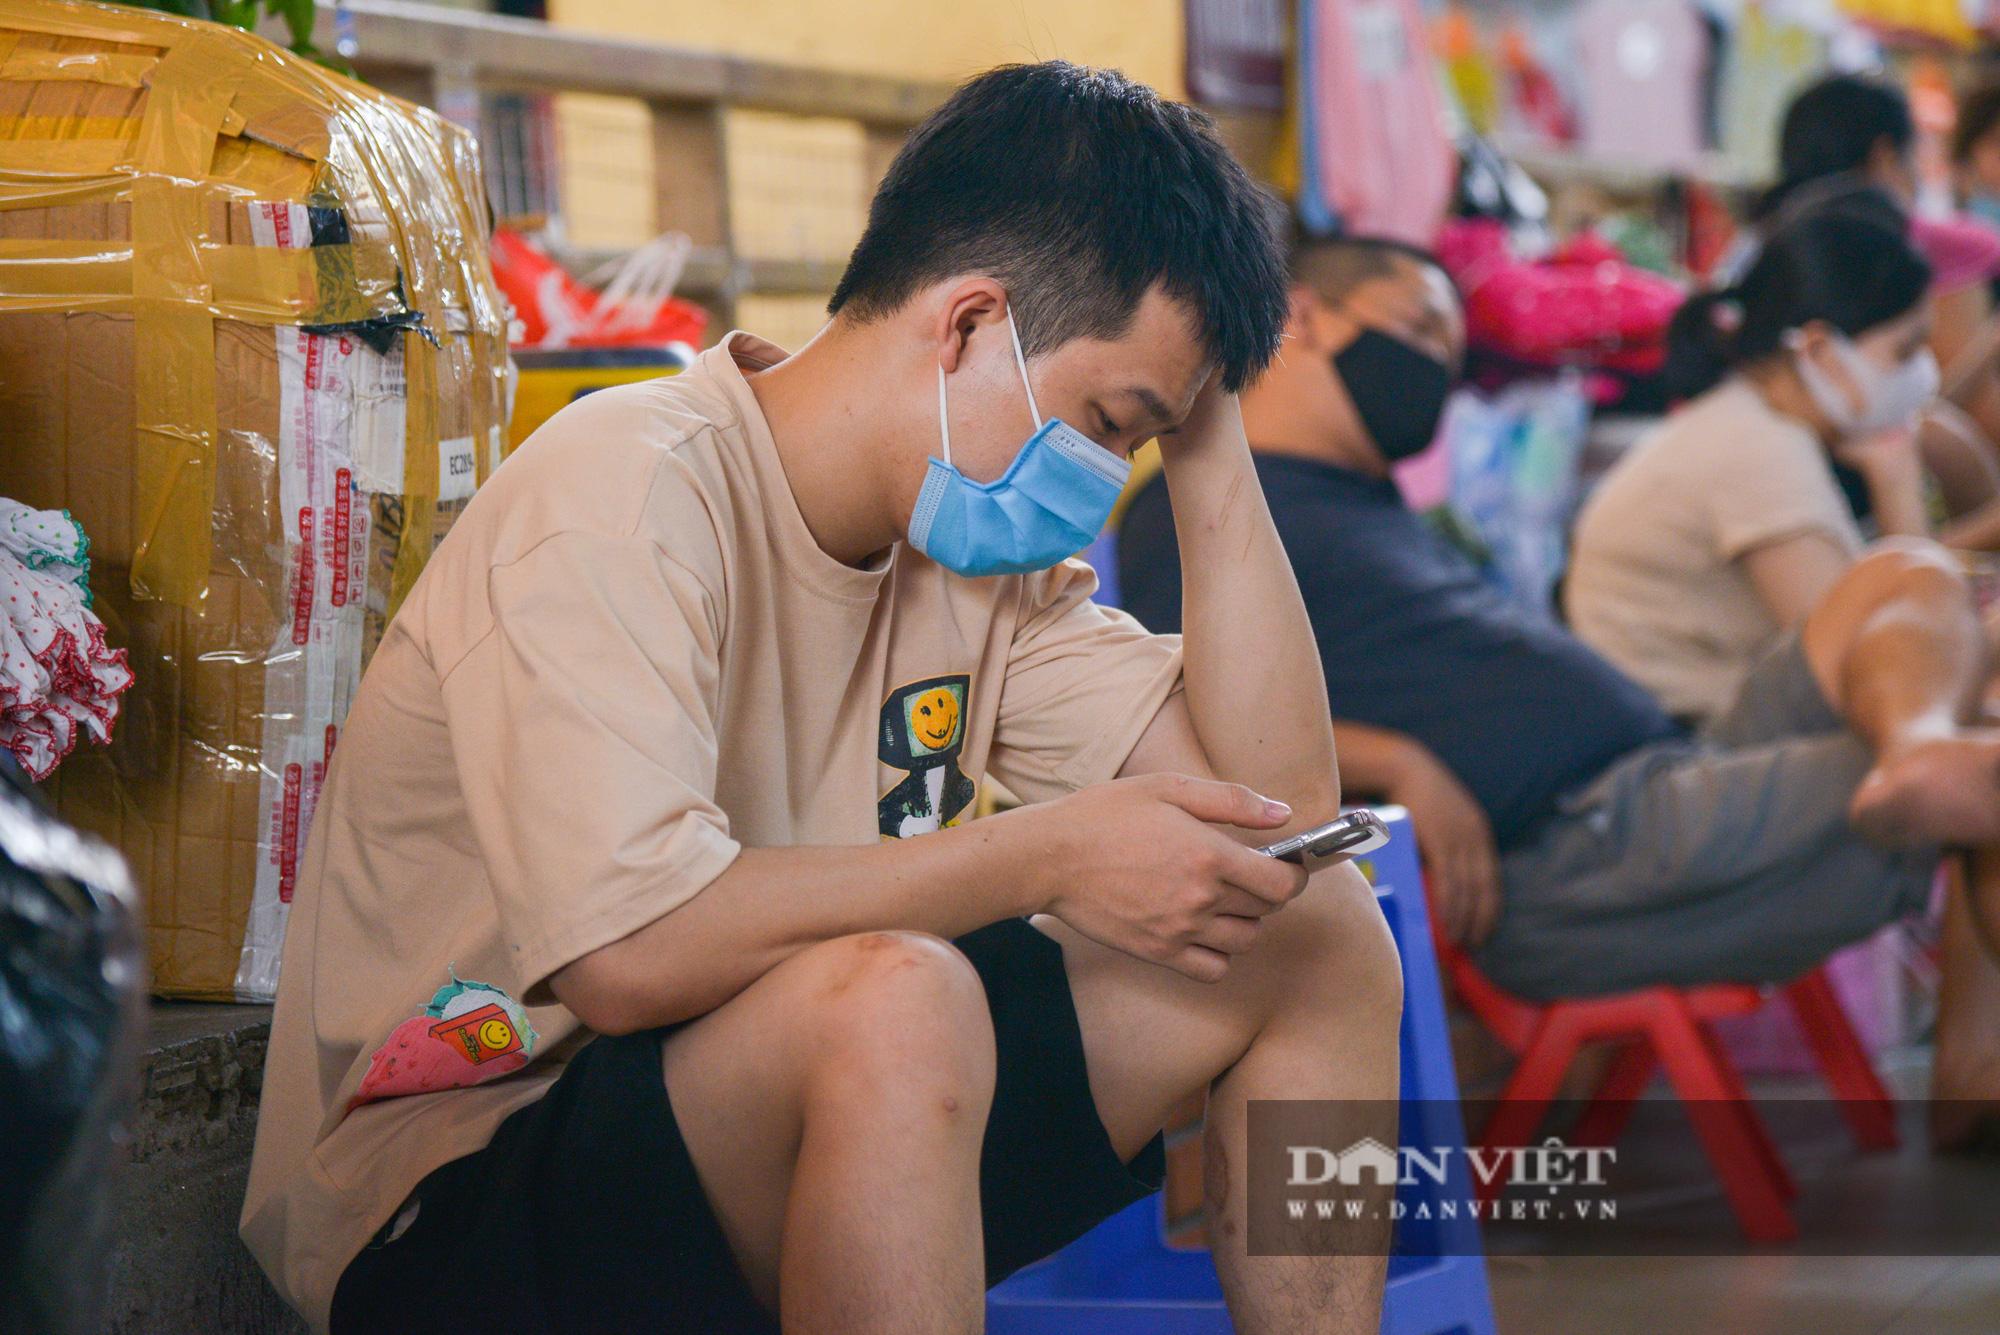 Chợ Đồng Xuân đìu hiu giữa đại dịch Covid-19 - Ảnh 11.